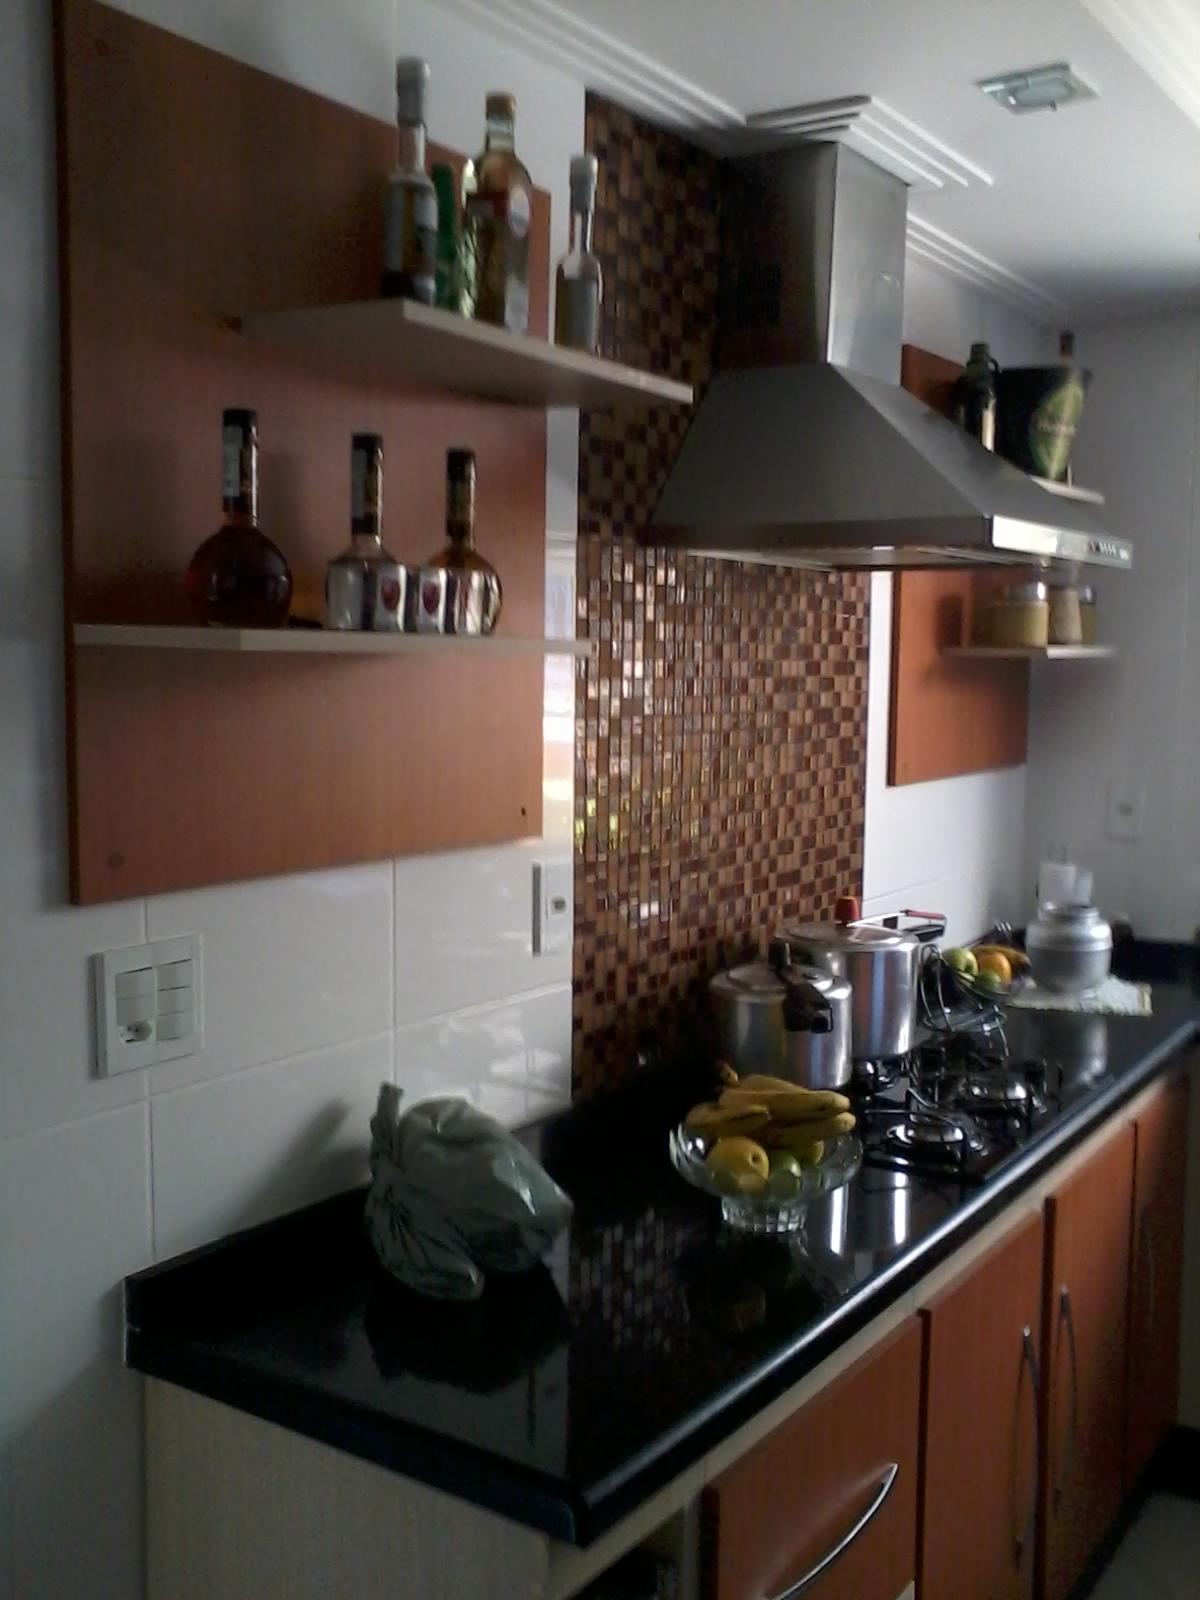 #654335 Armários de cozinhas em MDF alto padrão de acabamento gaveteiro  1200x1600 px Armario De Cozinha Completo Compacto #2021 imagens